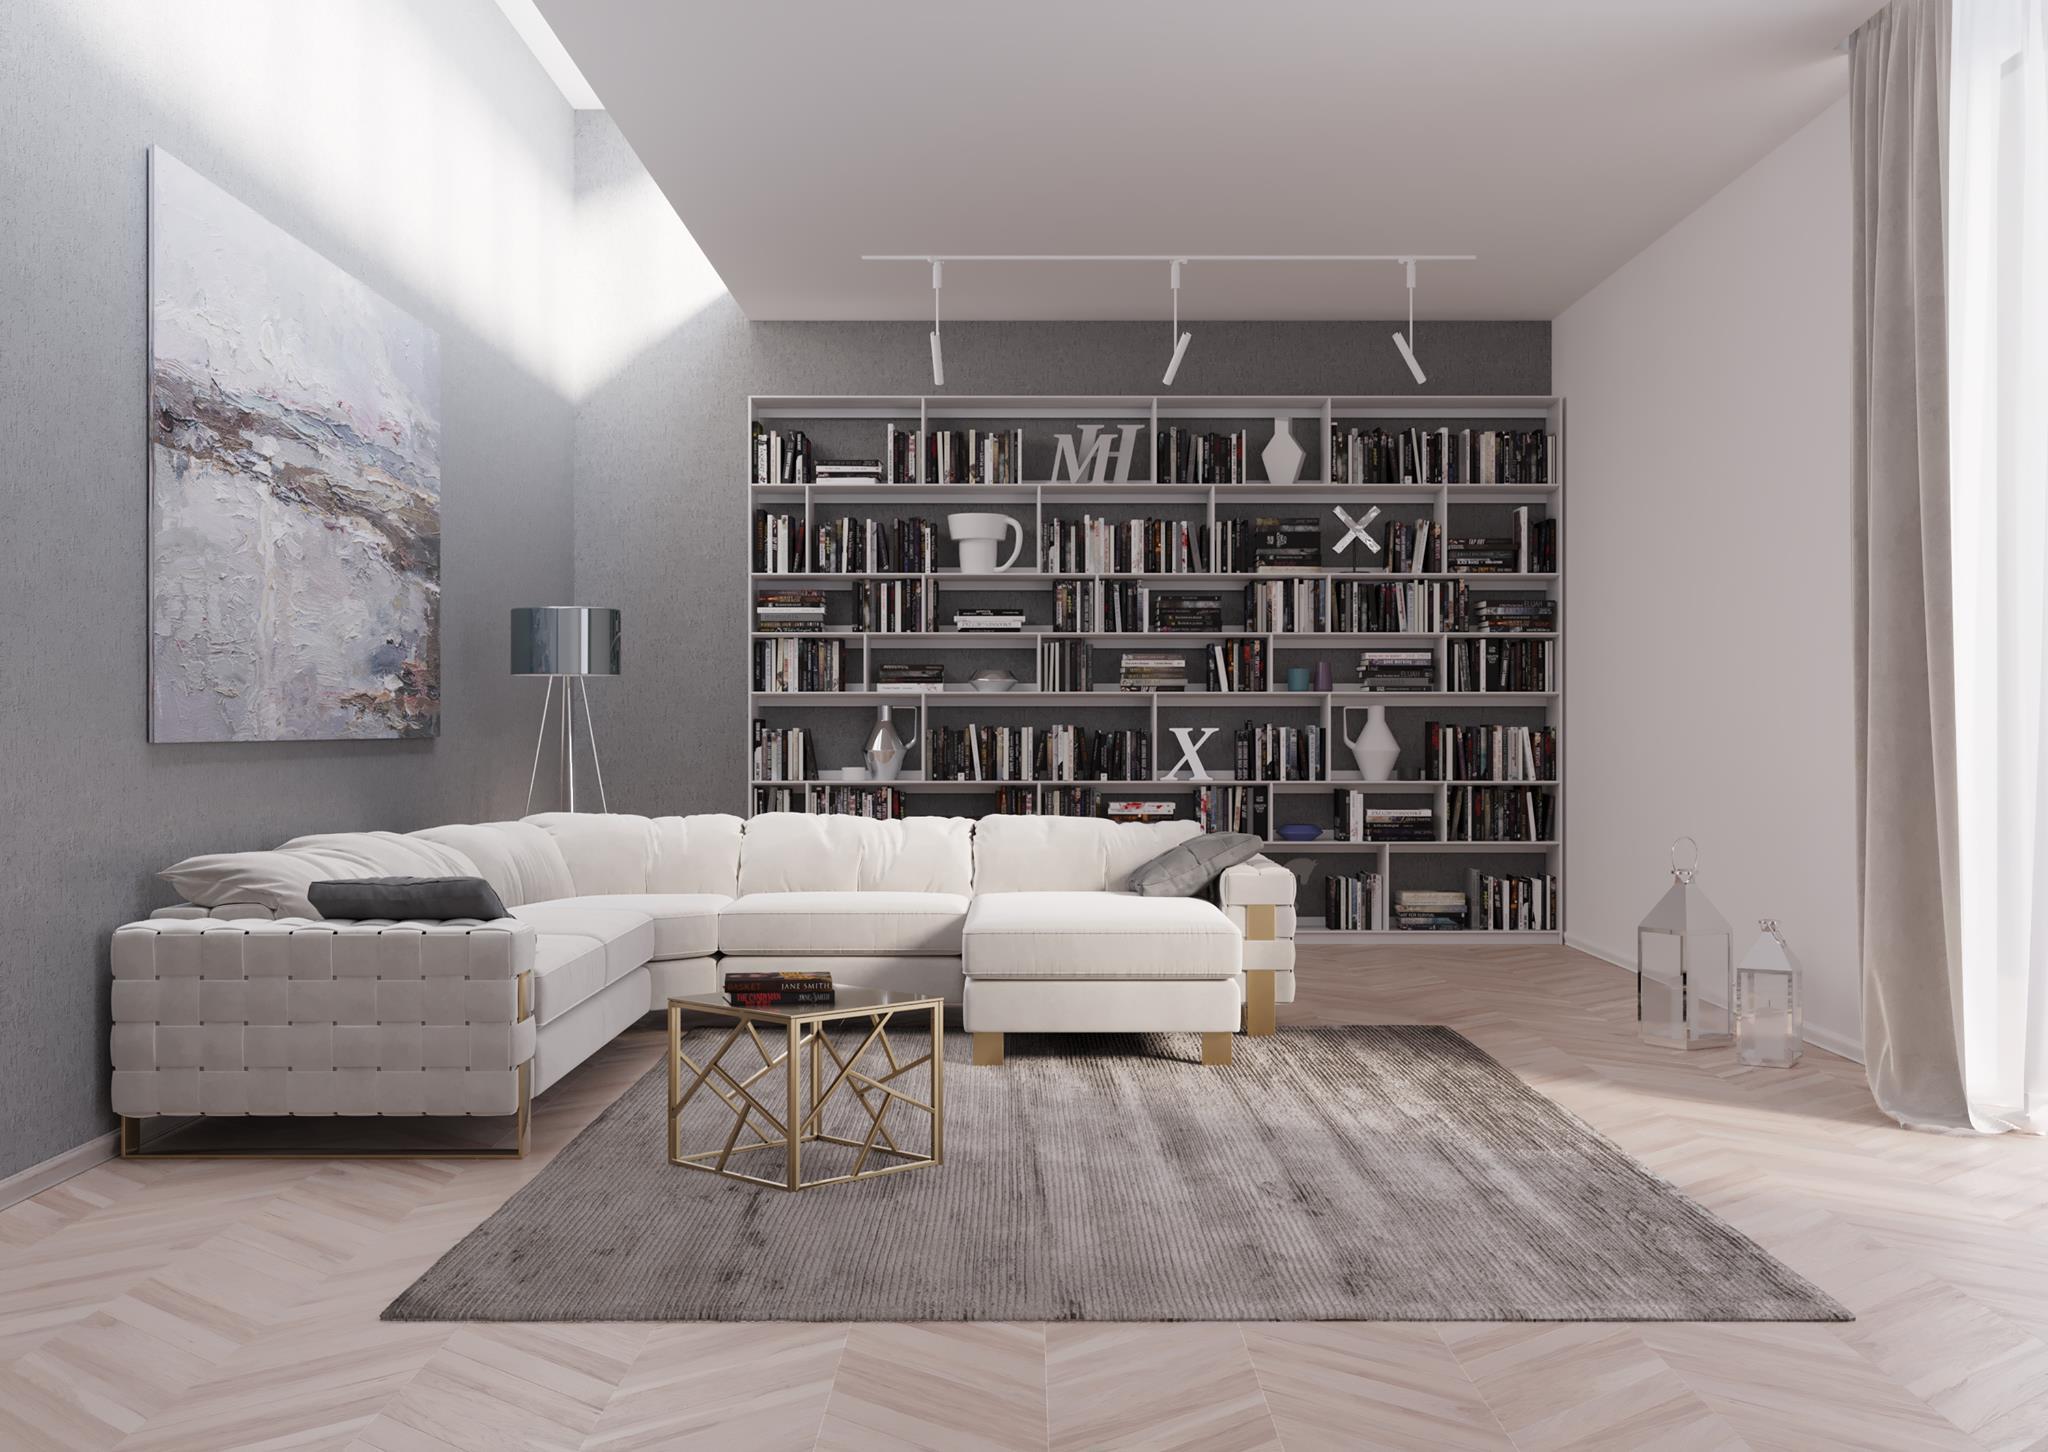 Consulenza di interior design architetto specializzato for Ufficio architetto design